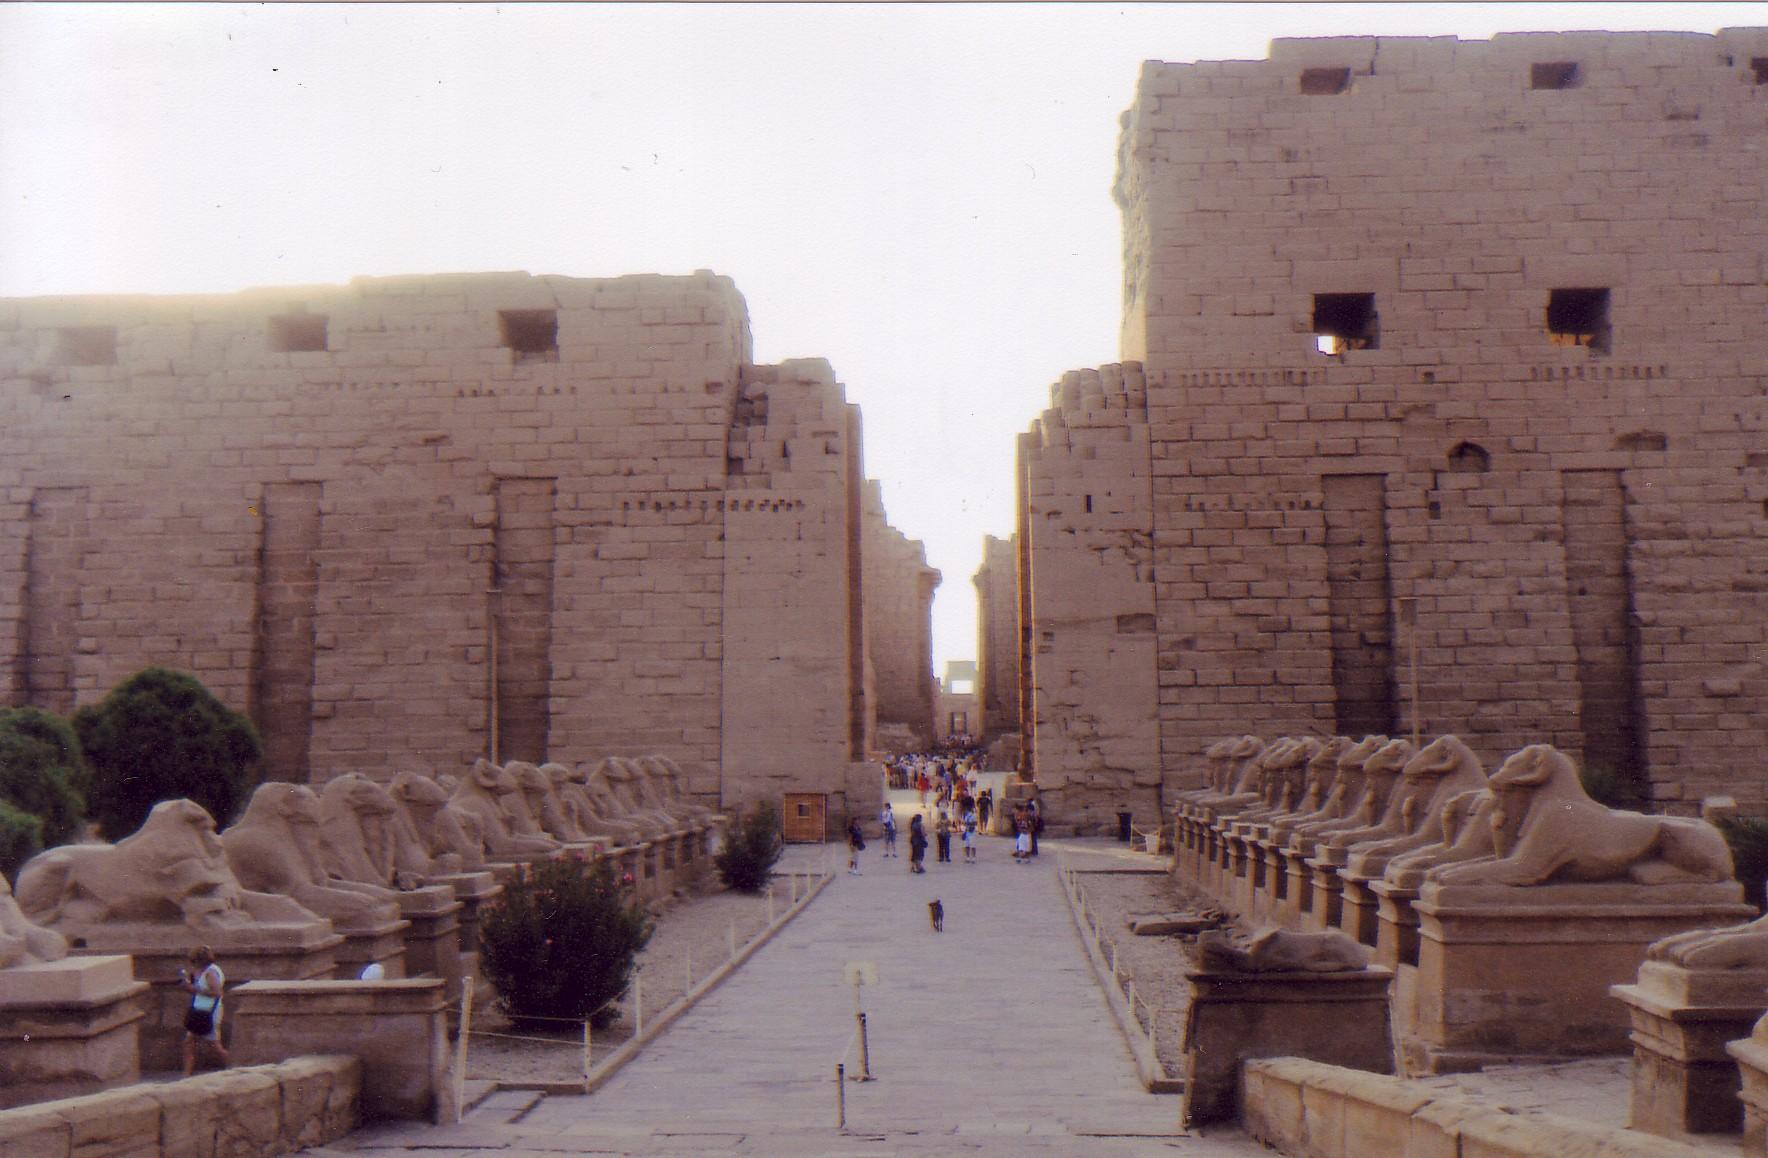 SPECIALE AIDA A LUXOR | Luxor